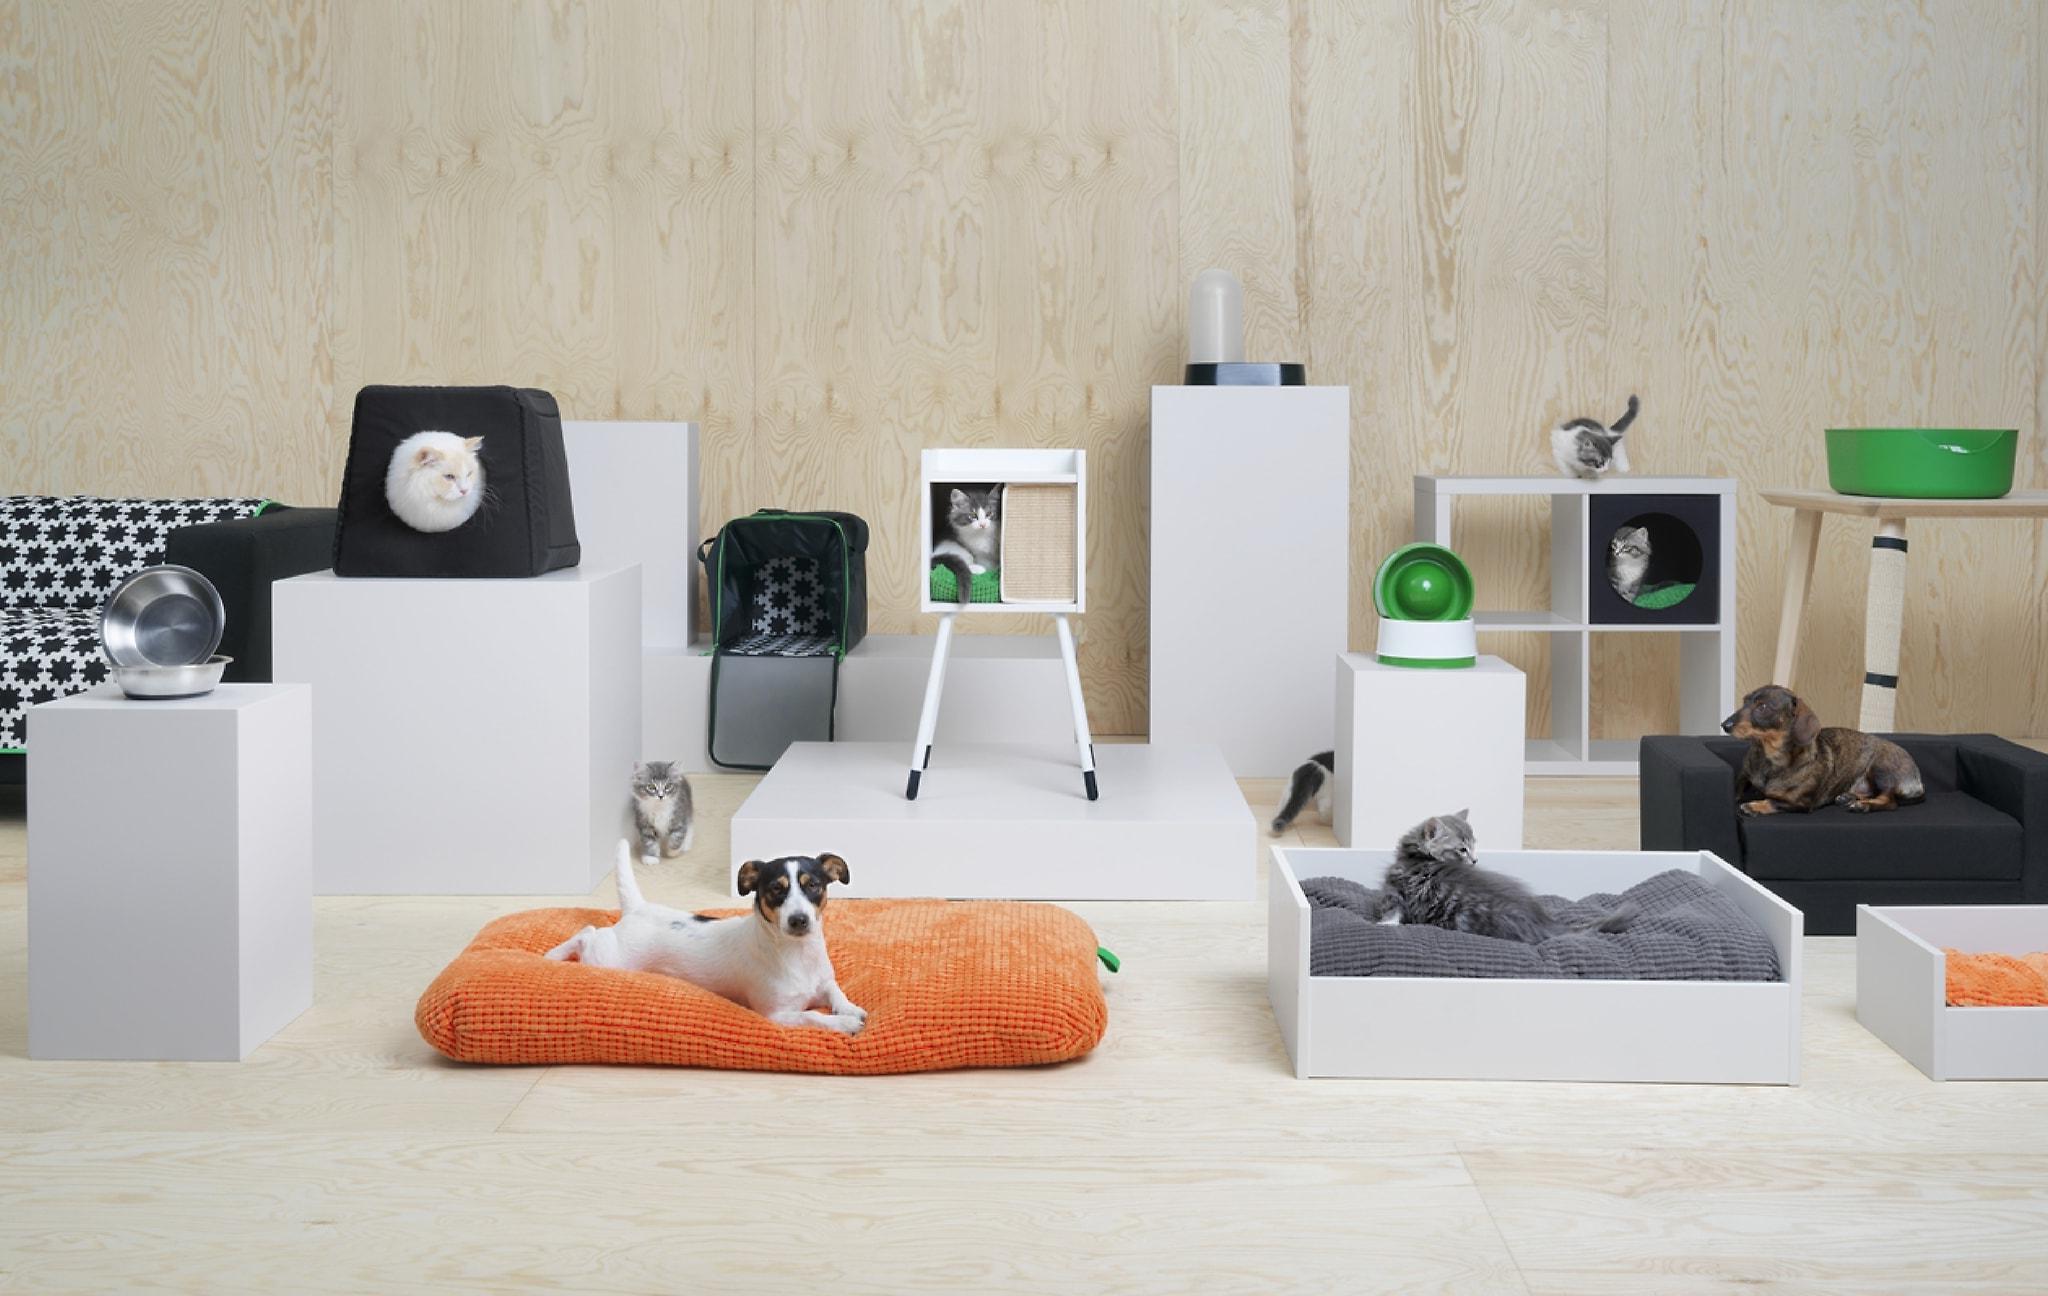 Amueblar Piso Completo Ikea Y7du Ideas De Decoracià N Consejos Y Decotips Ikea